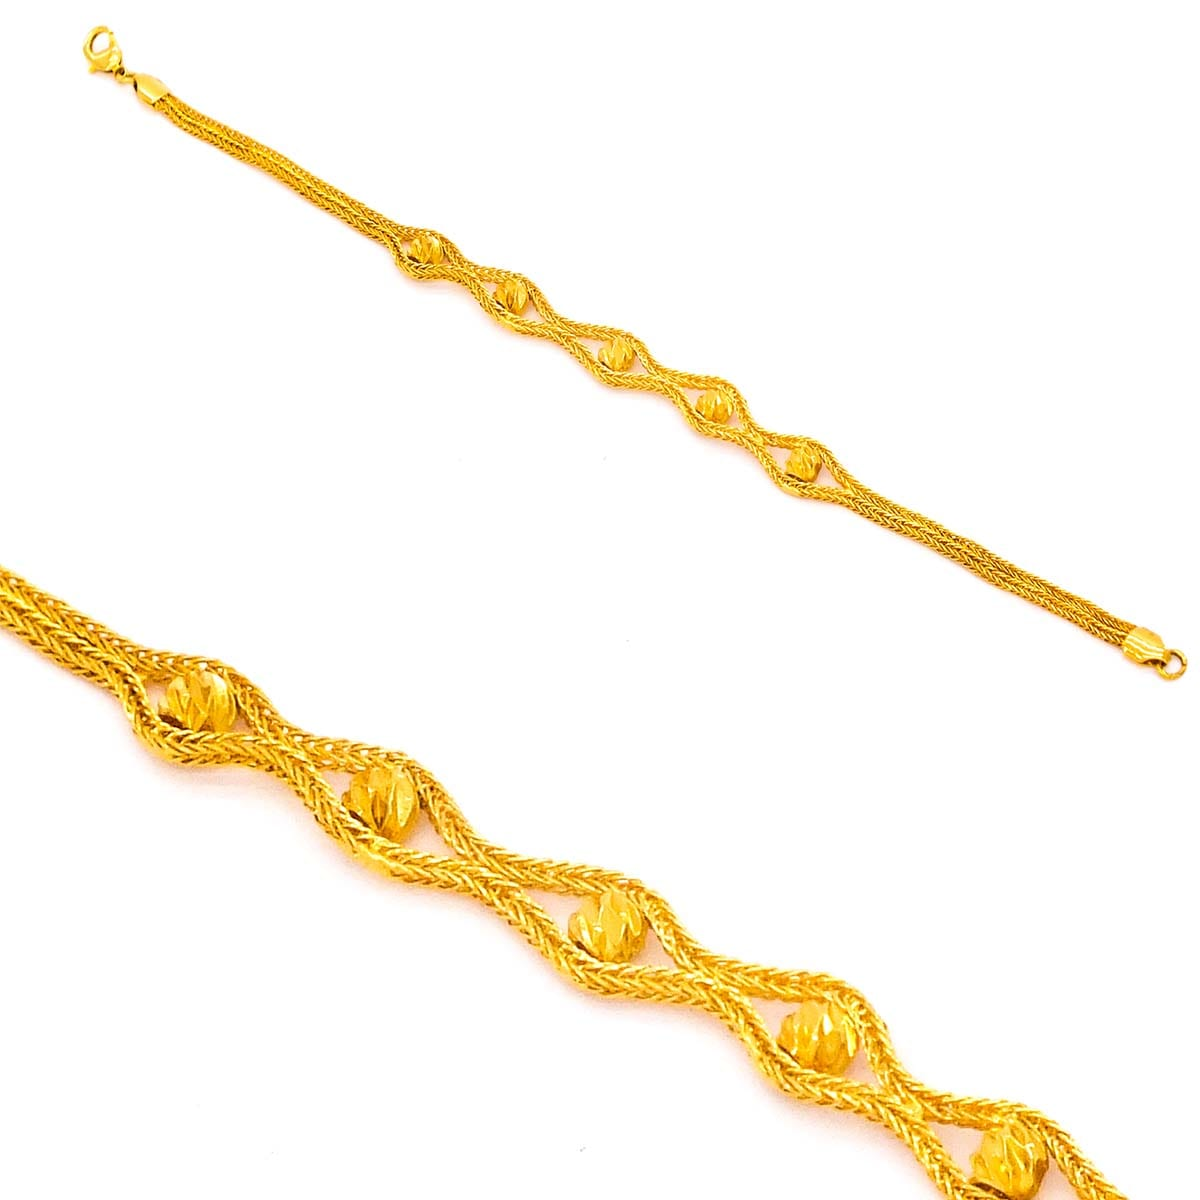 FerizZ 22 Ayar Altın Kaplama Spor Zarif Dorika Bayan Bileklik 19cm-23.5cm Boy BLK-314